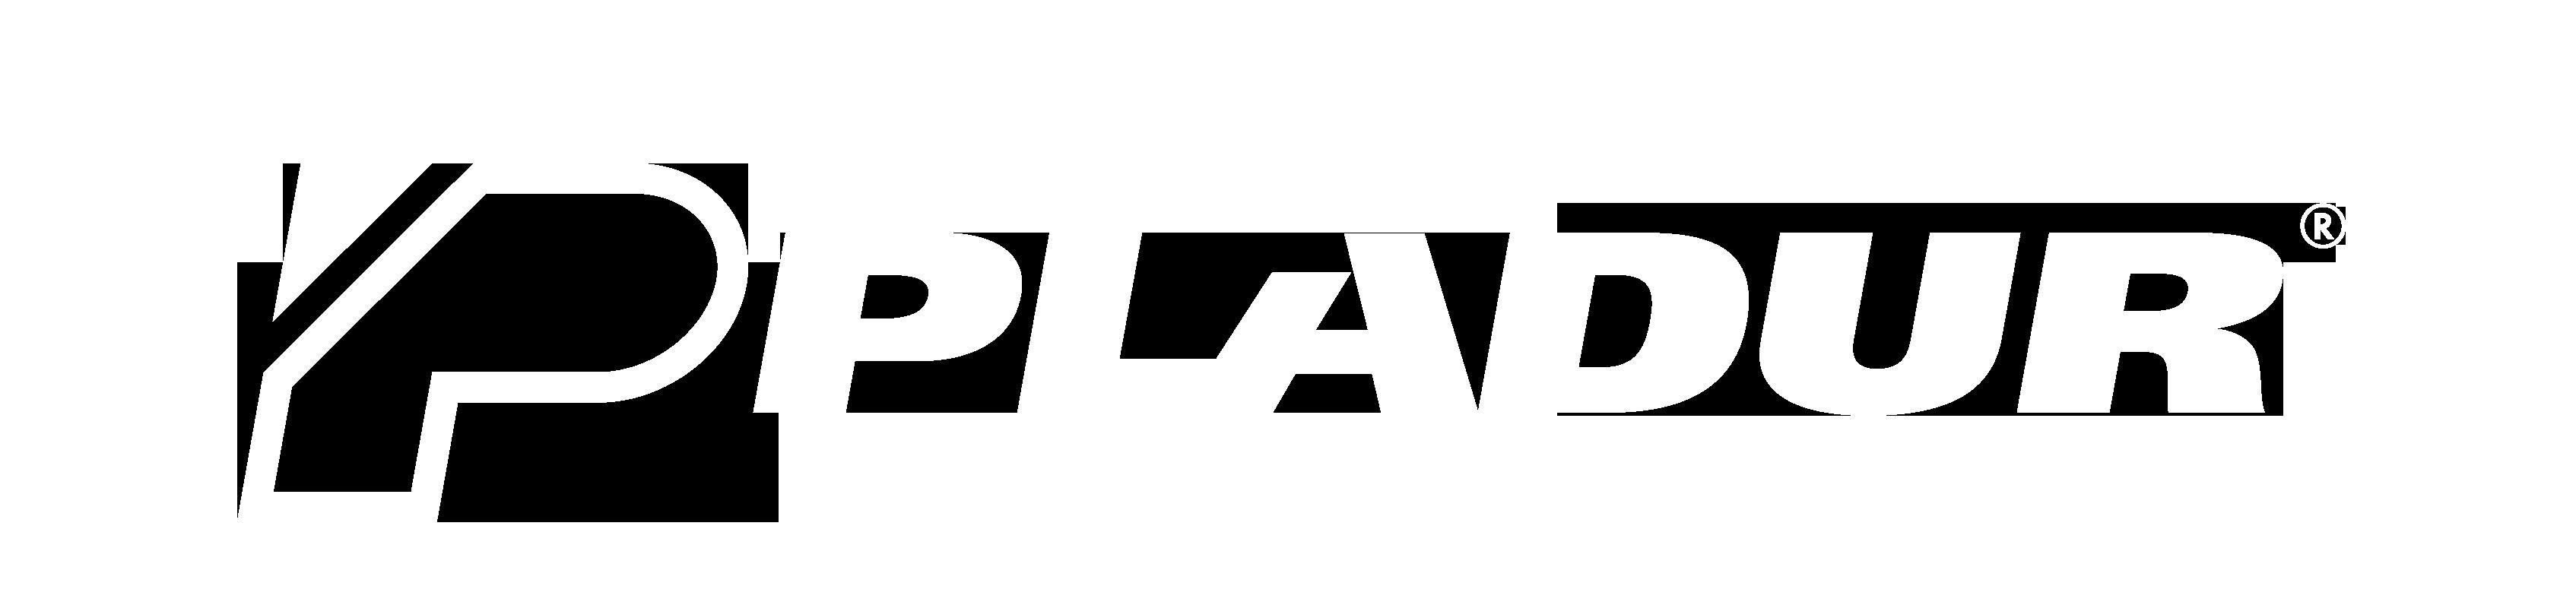 PLADUR_H_P350_Blanc_RGB